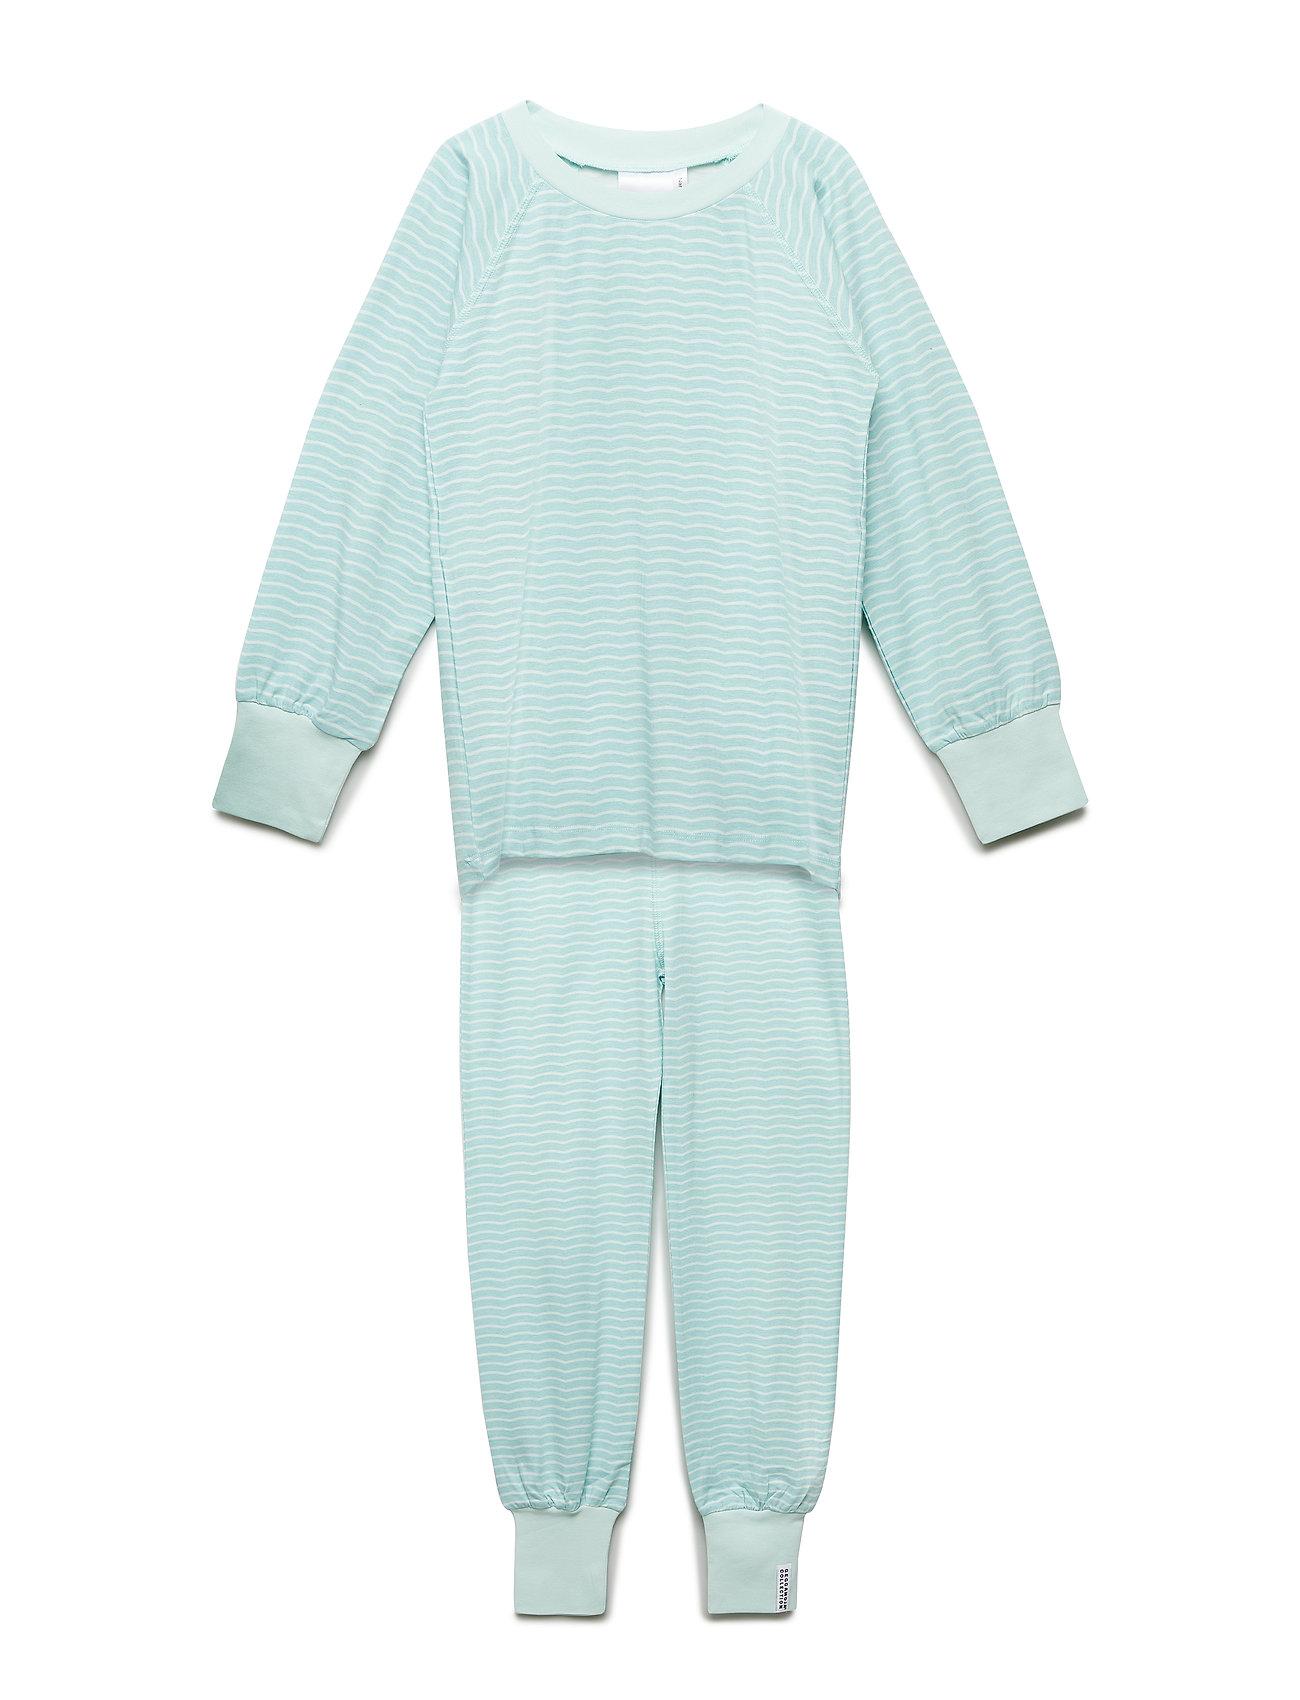 Image of 2-Piece Pyjamas (3106191017)